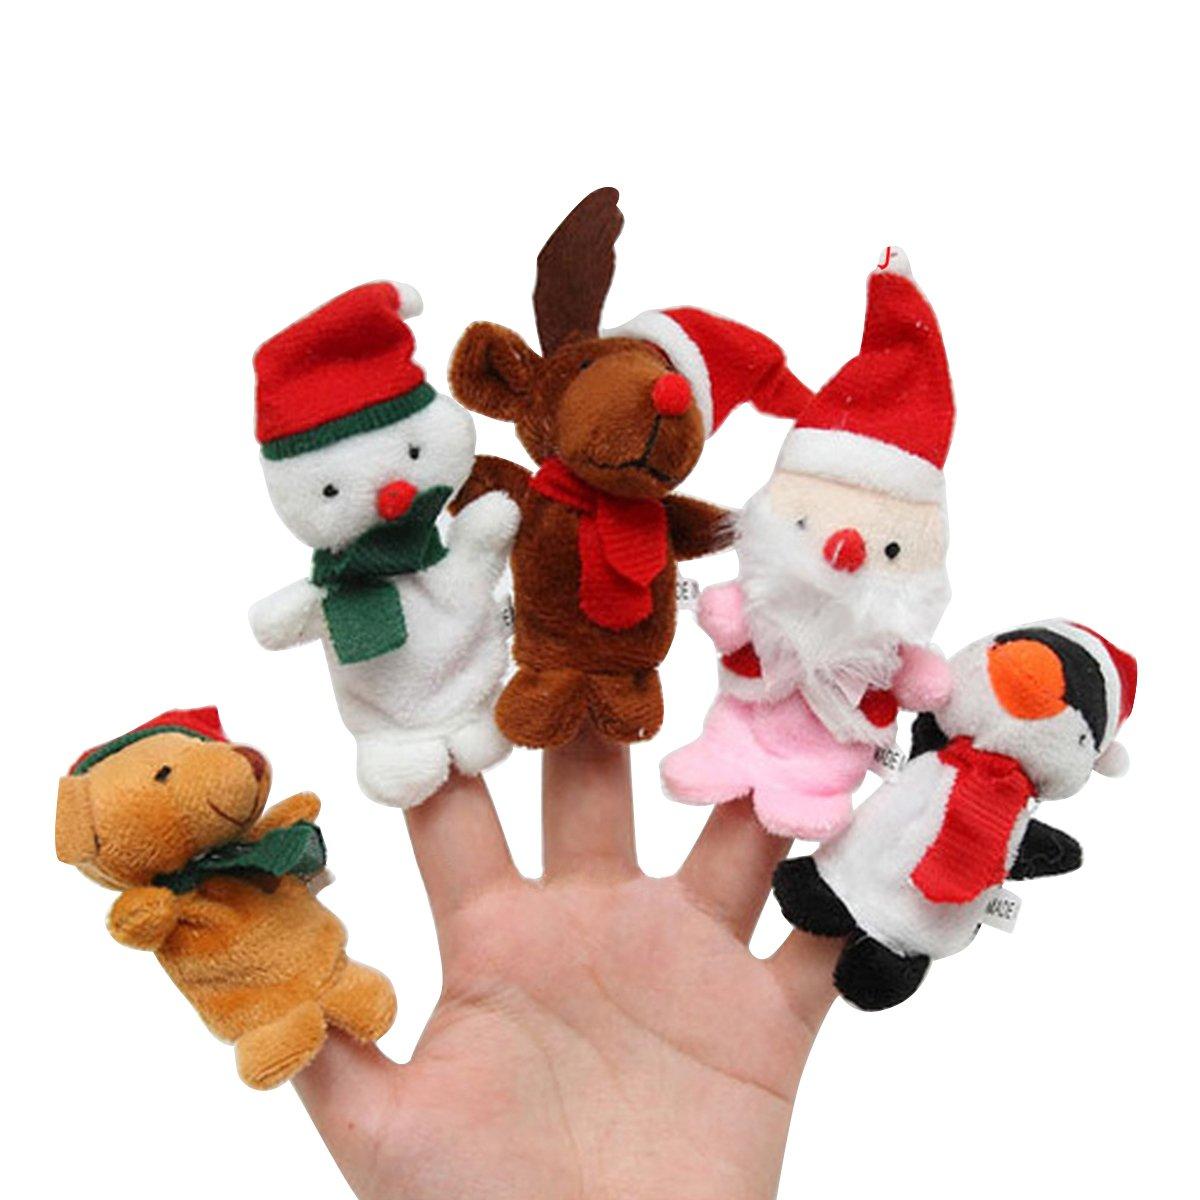 BESTOYARD 5 Stü cke Weihnachten Fingerpuppen Plü sch Tier Figur Kleine Handpuppe Set Puppen Spielzeug Geschenk fü r Baby Kleinkinder